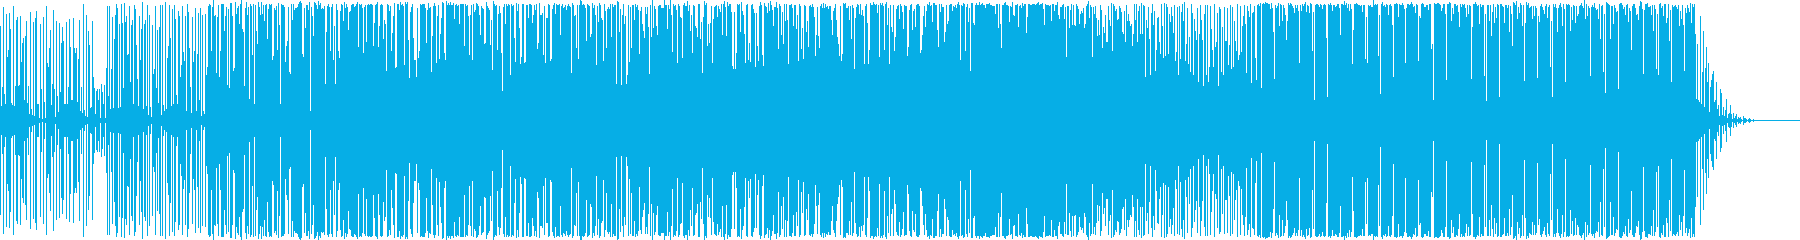 宇宙空間に浮かぶ準惑星Erisをイメージの再生済みの波形